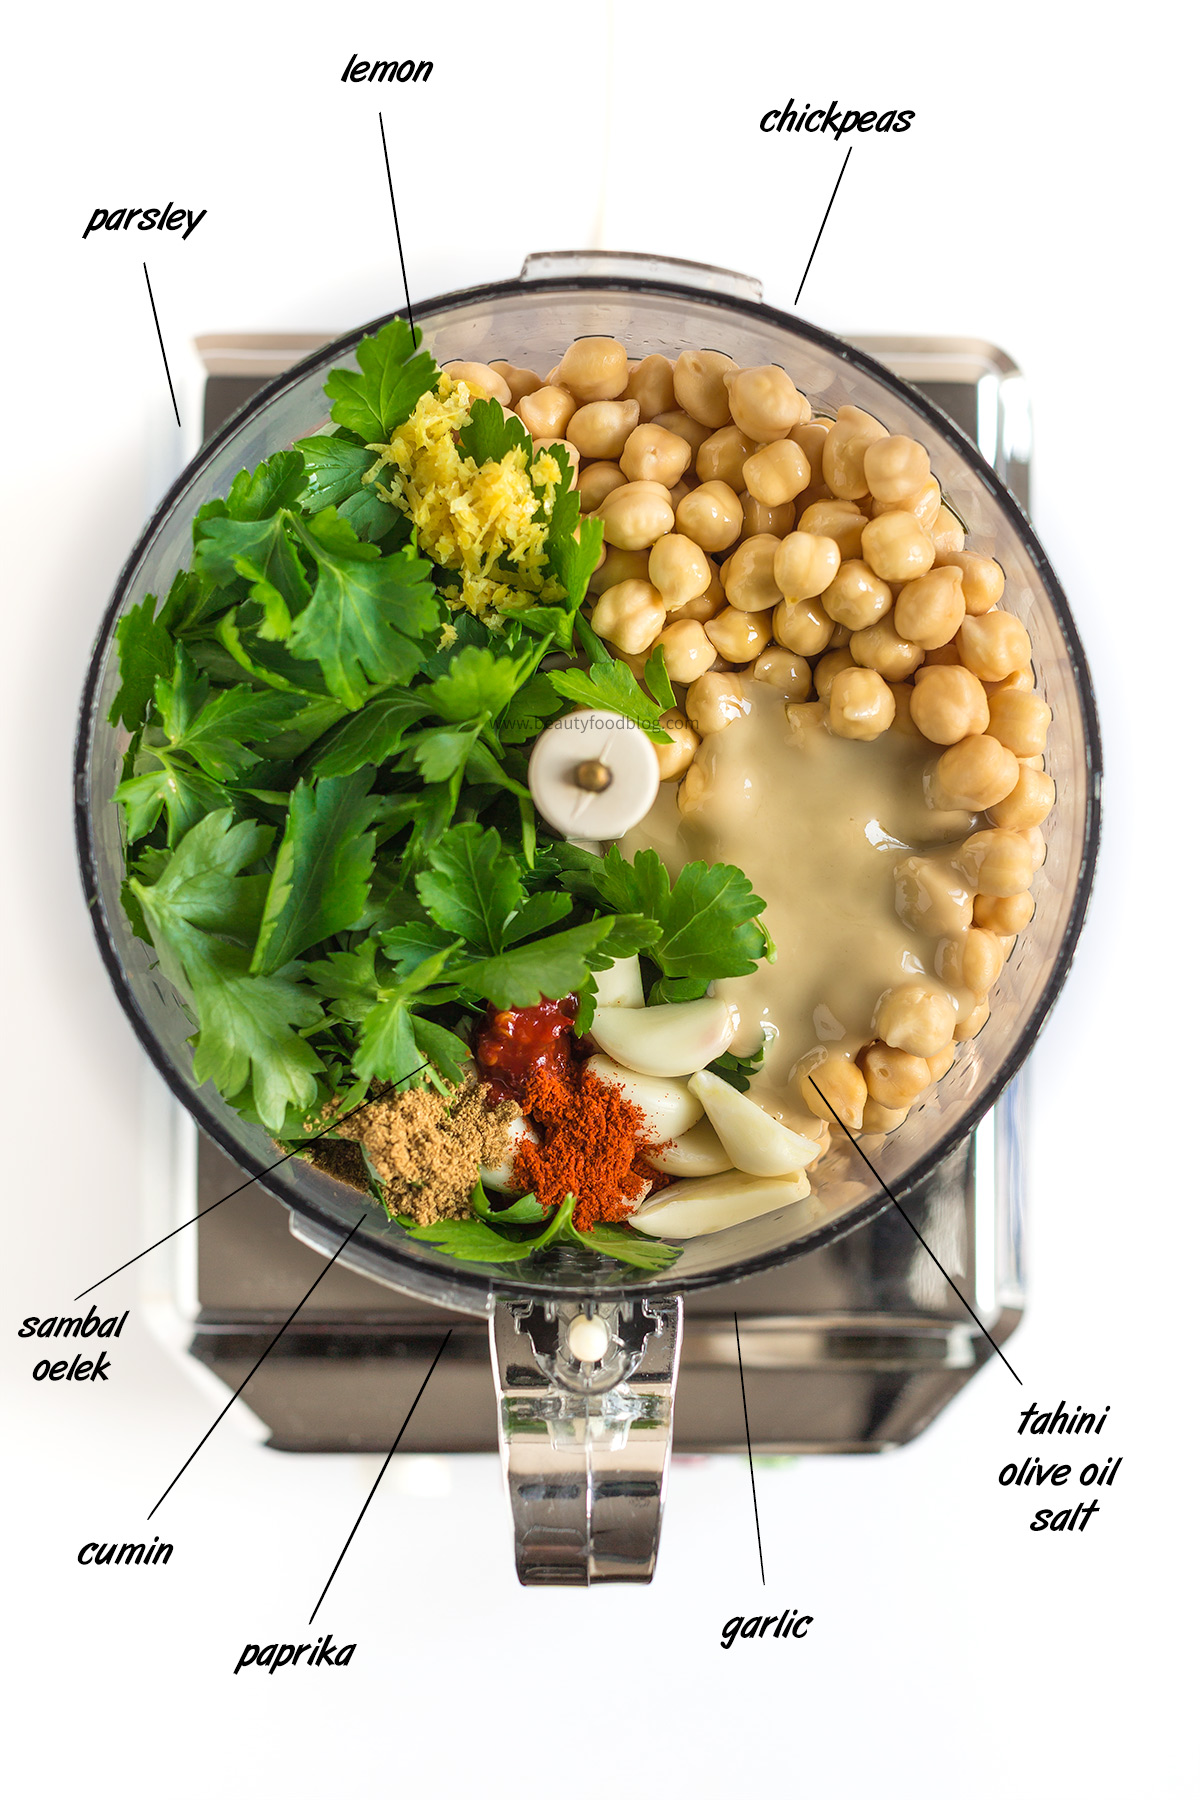 ricetta falafel non fritti facilissimi con salsa tahina allo yogurt e patate dolci al forno - baked vegan easy falafel with tahini sauce and rosemary baked potatoes